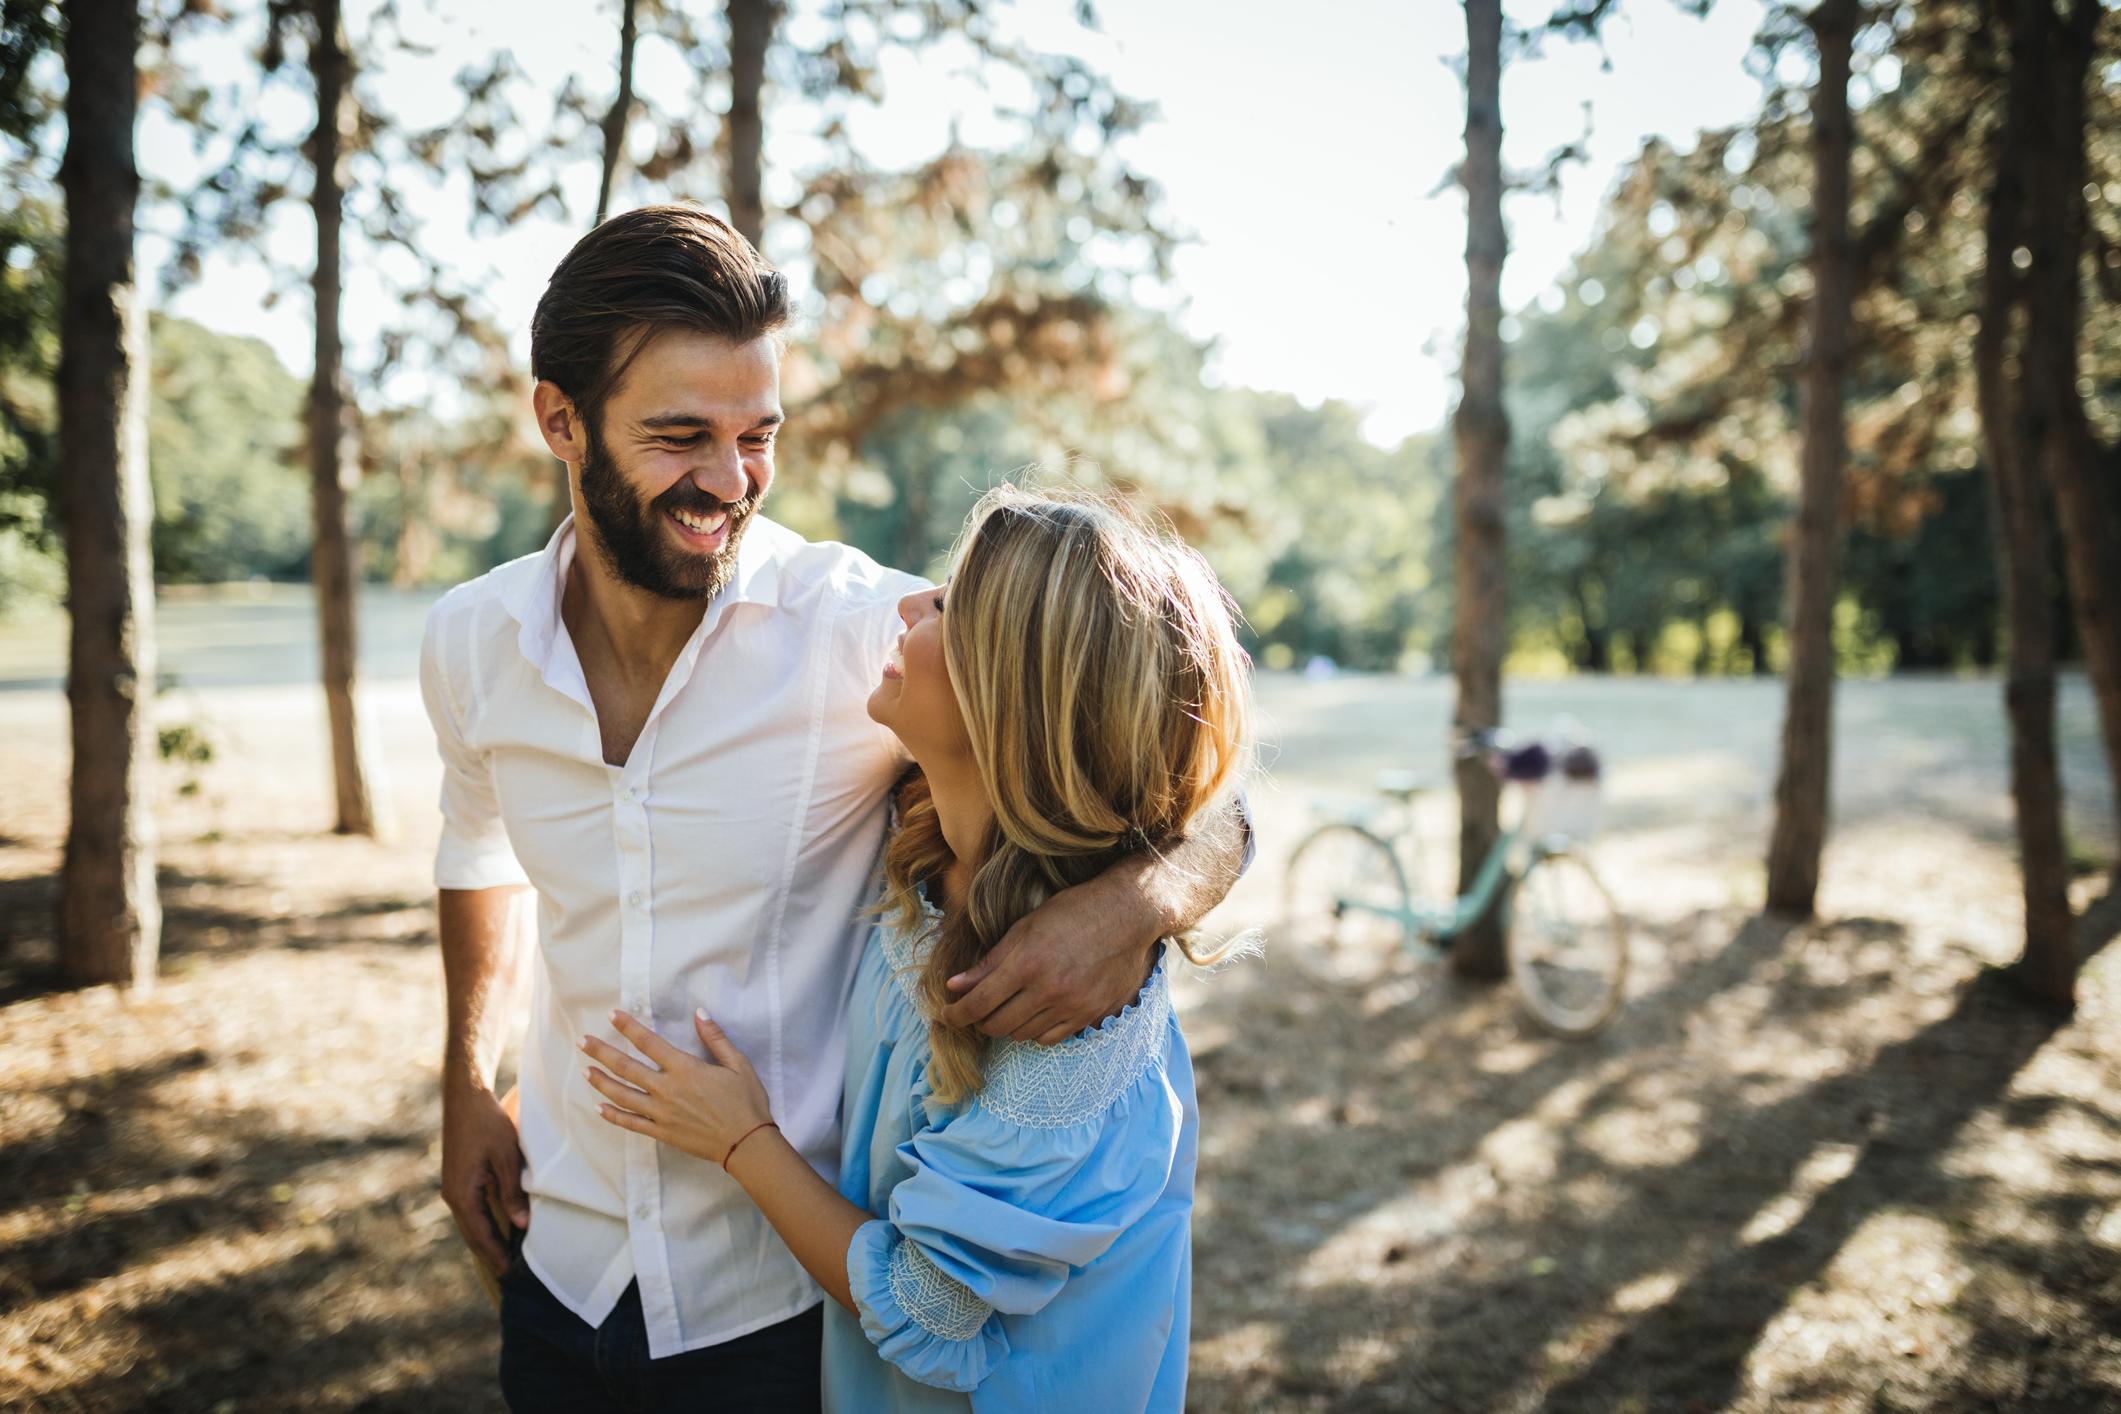 Pronalaženje partnera s kojim ćete dijeliti život je divan, ali ponekad težak proces.